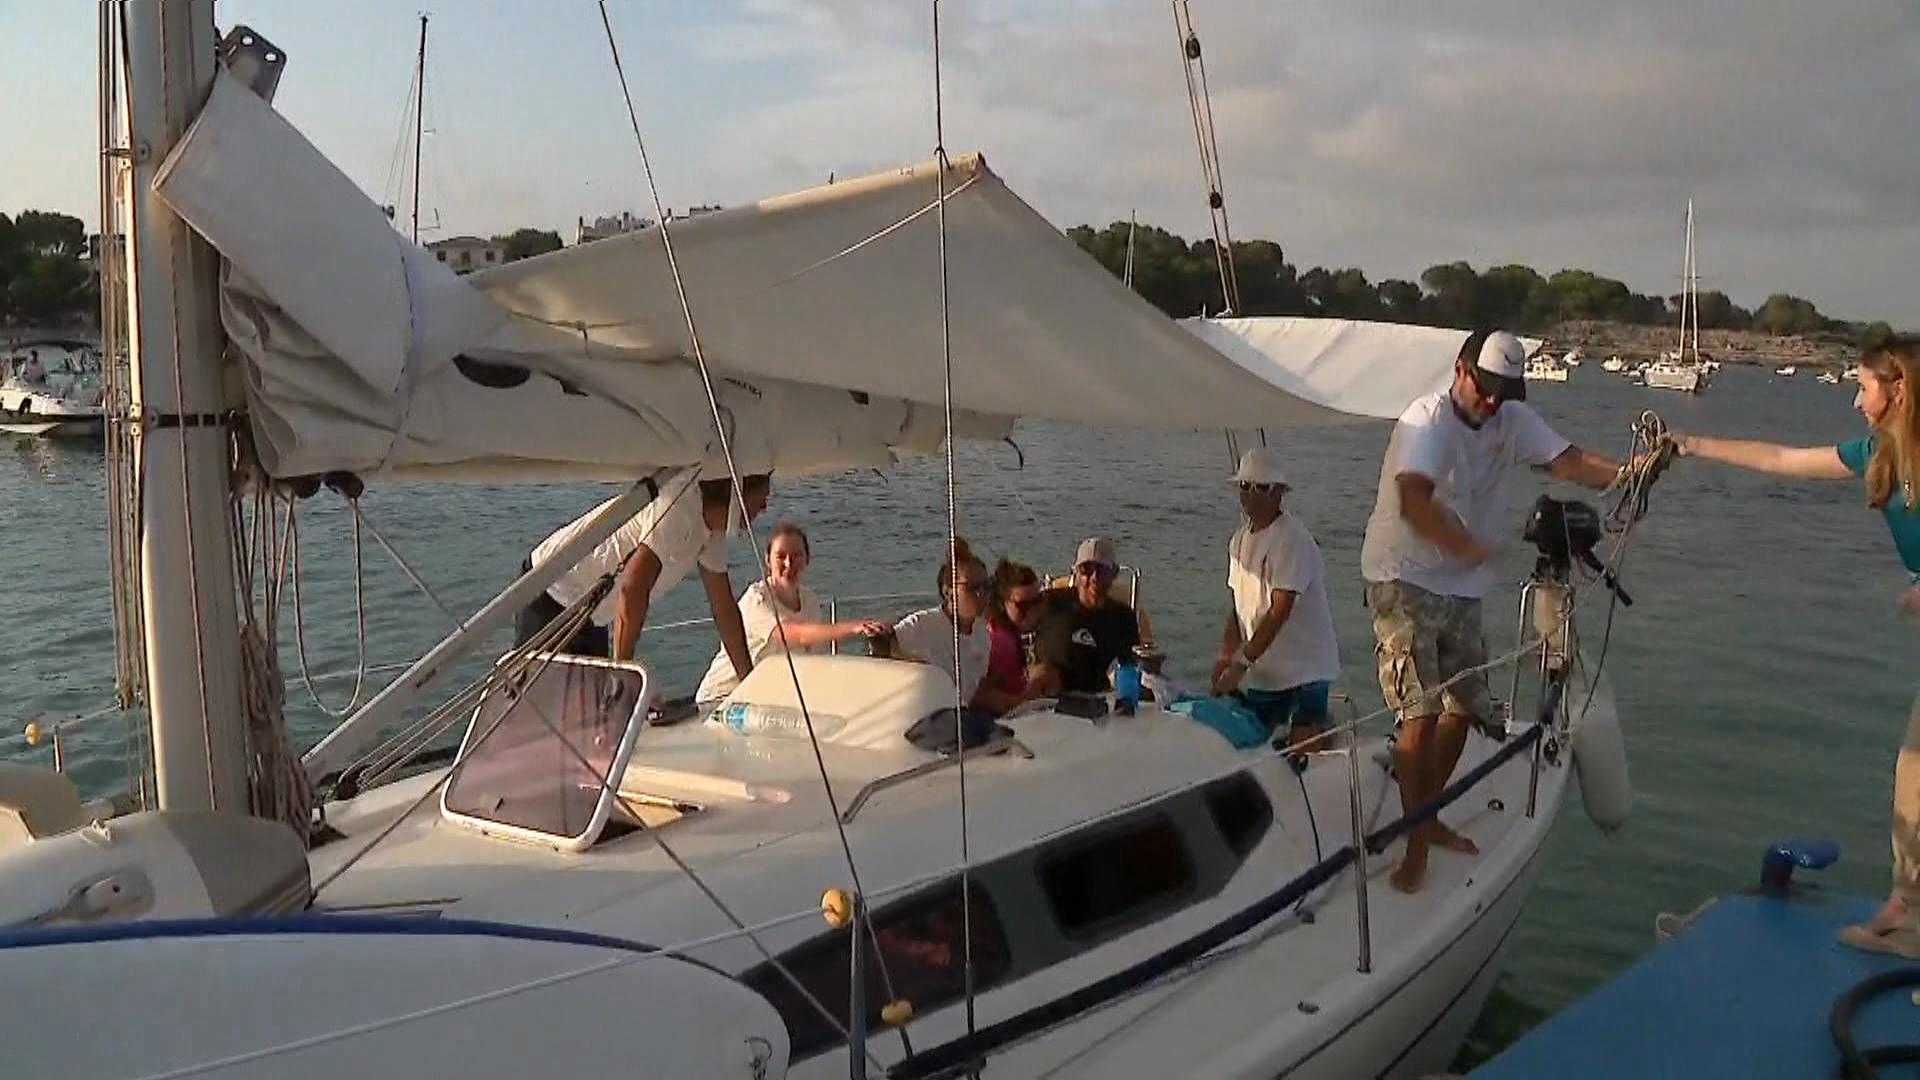 9+nedadors+fan+la+volta+a+Cabrera+per+aconseguir+fons+per+a+la+reserva+marina